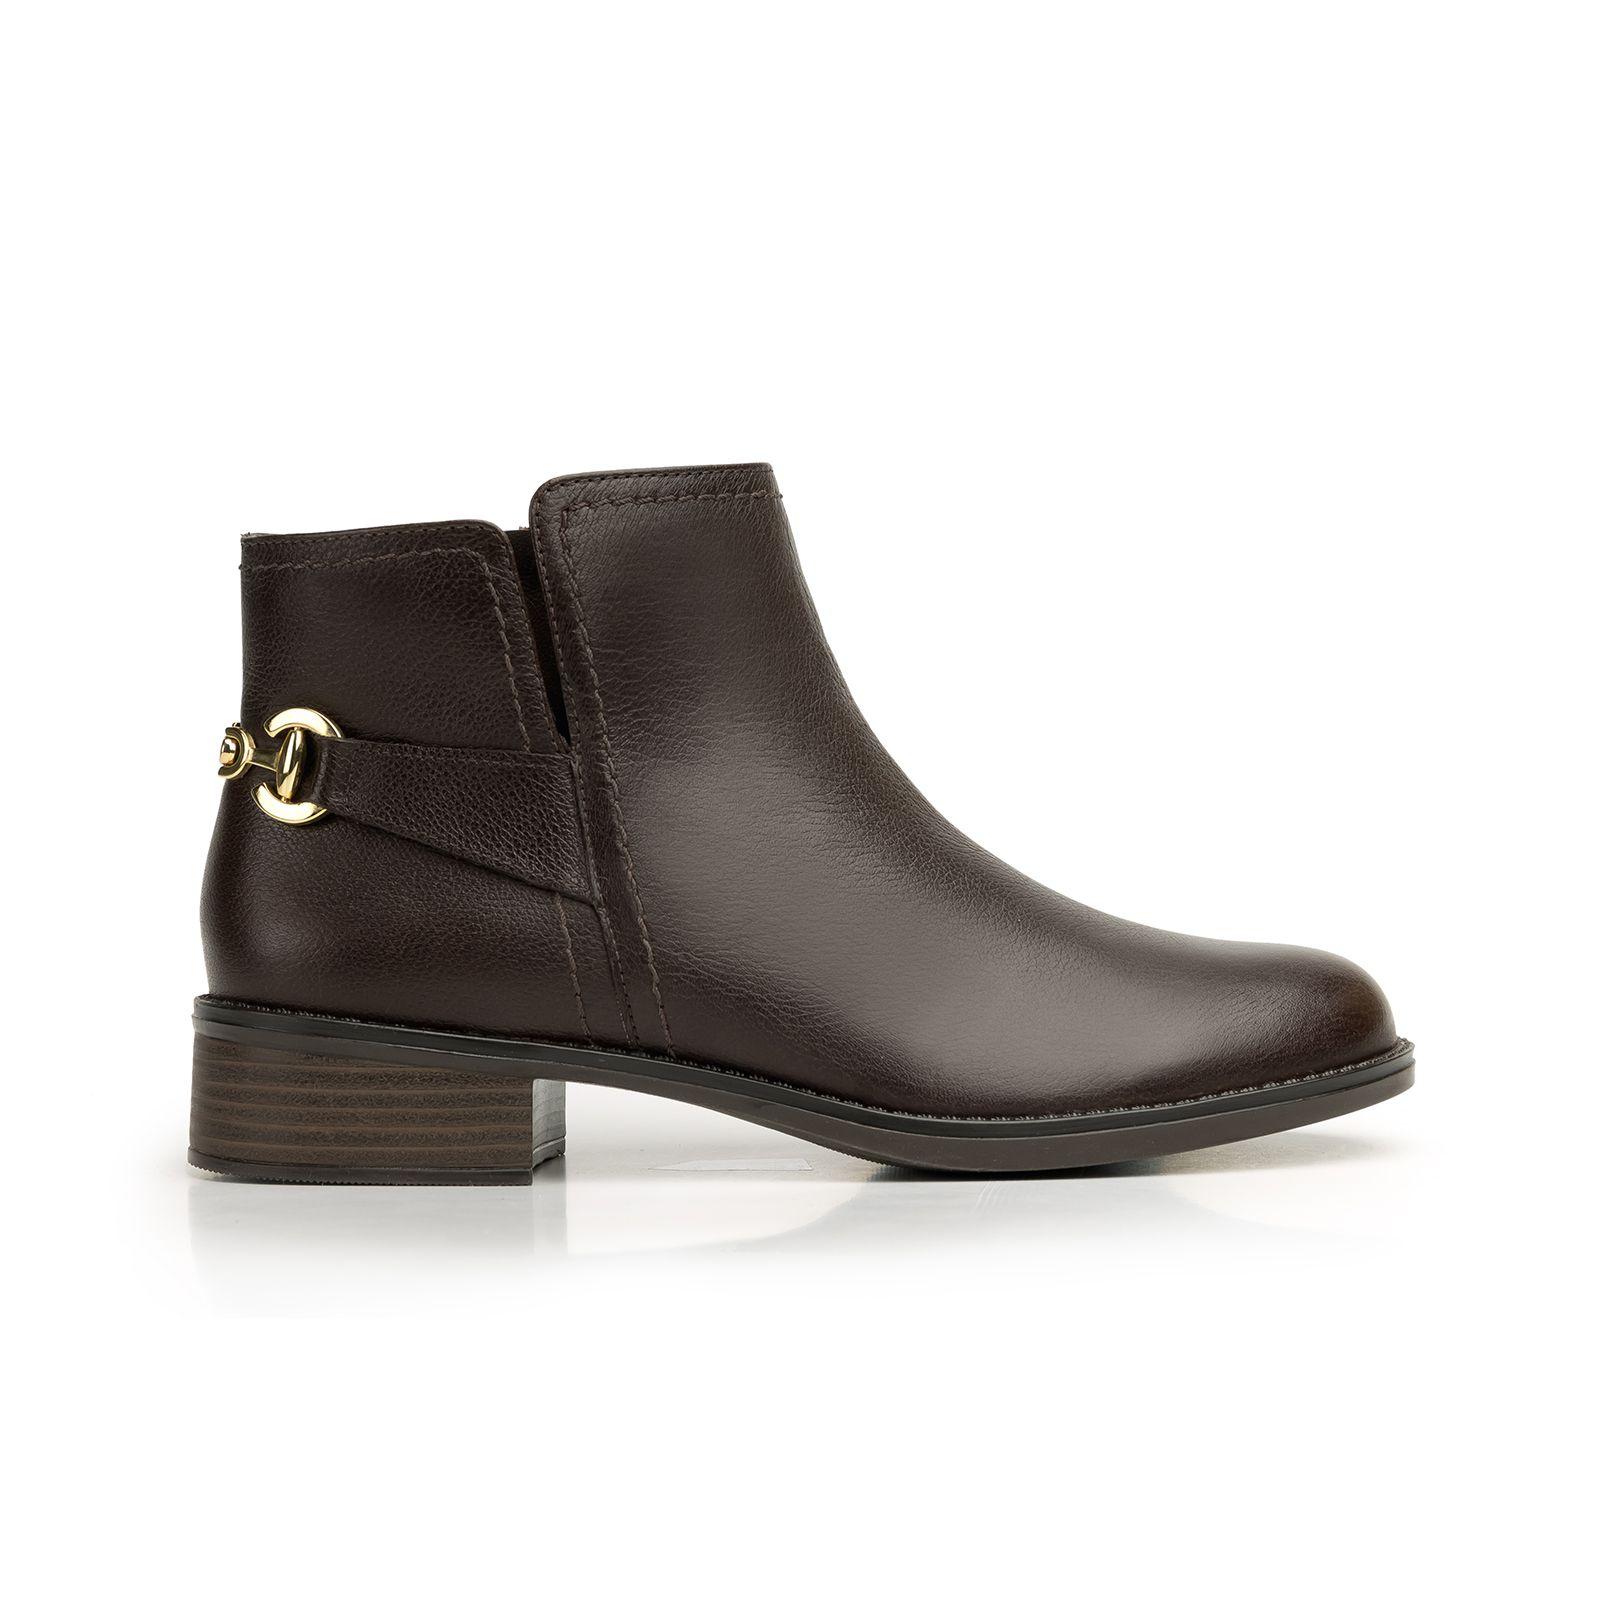 6db3fe10ba Línea de bota y botín semi vestir estilo hípico con herrajes metálicos que  le…